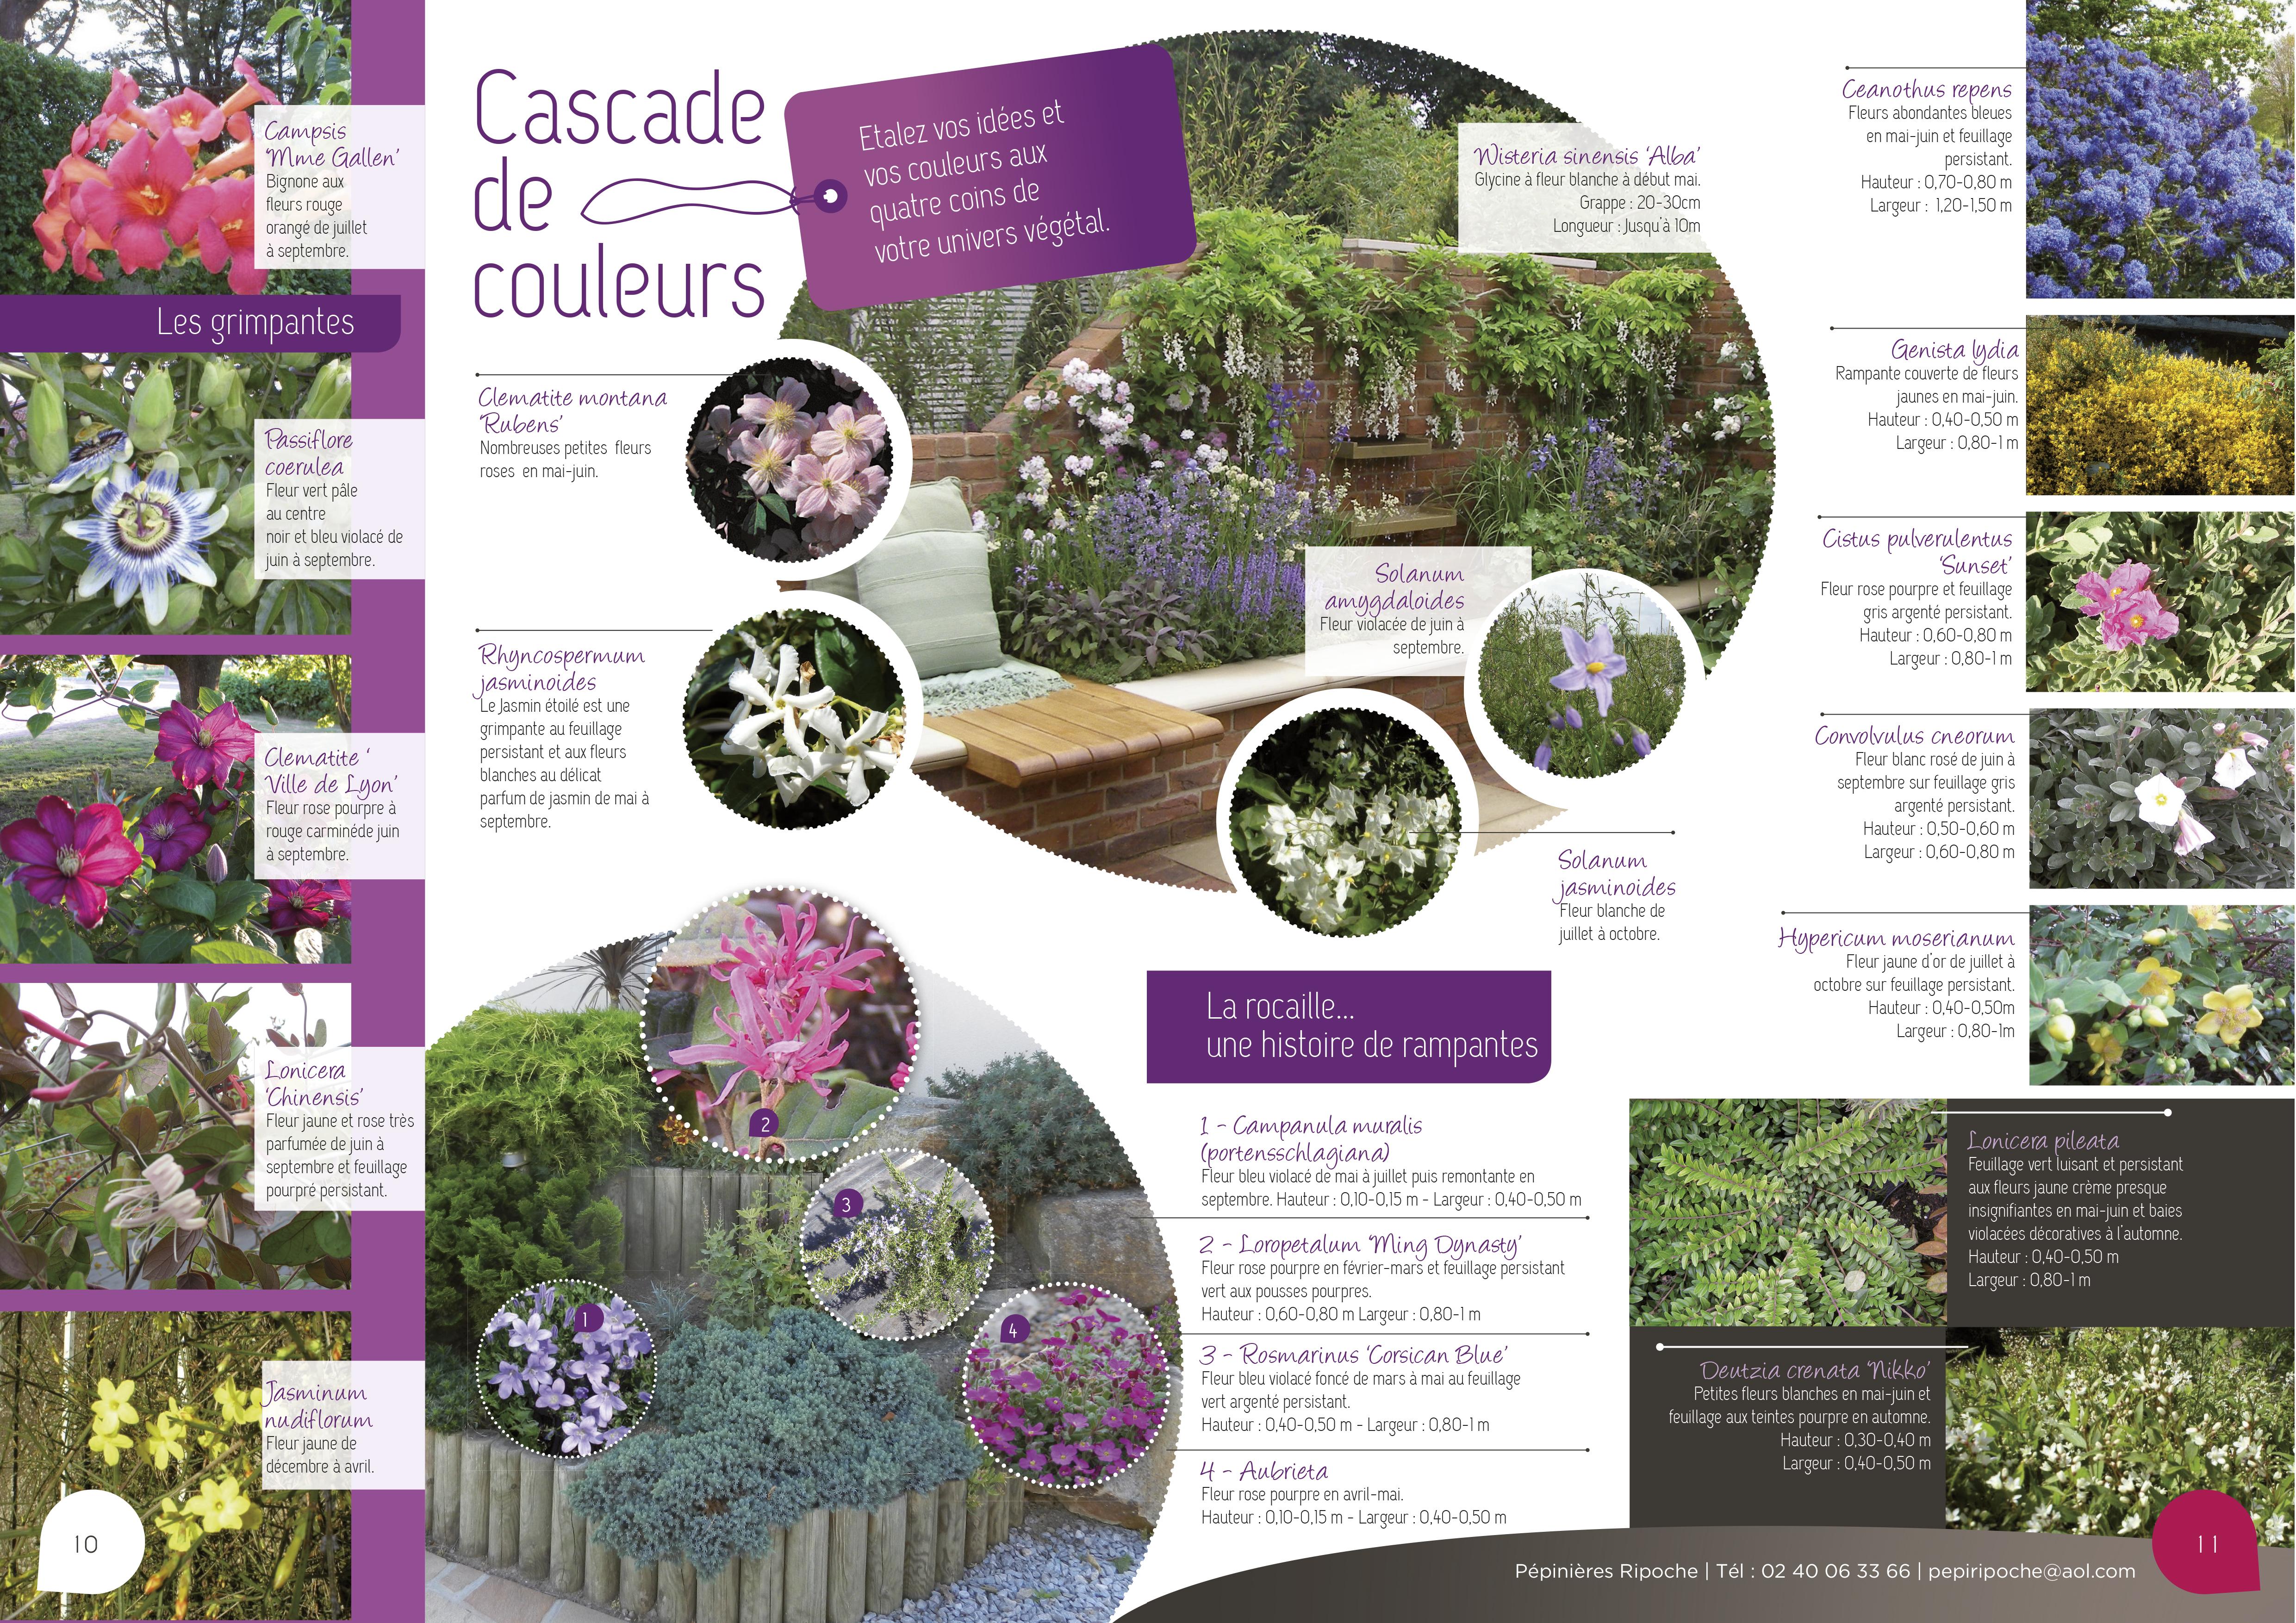 Cascade de couleurs, Plantes grimpantes, Arbustes couvre-sol et Vivaces tapissantes